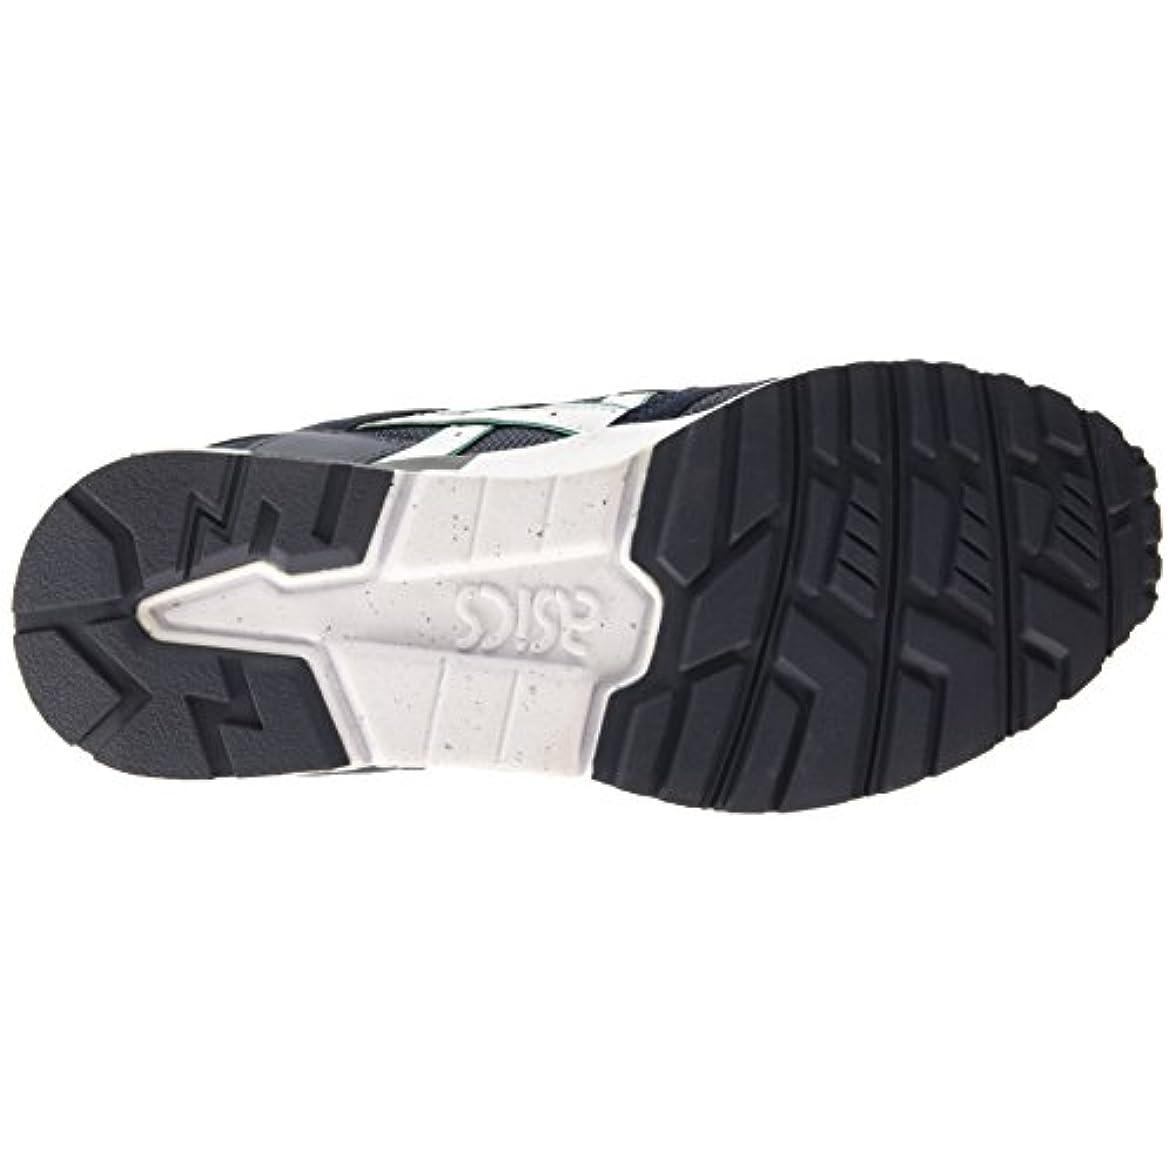 Asics Gel-lyte V Sneaker Unisex – Adulto